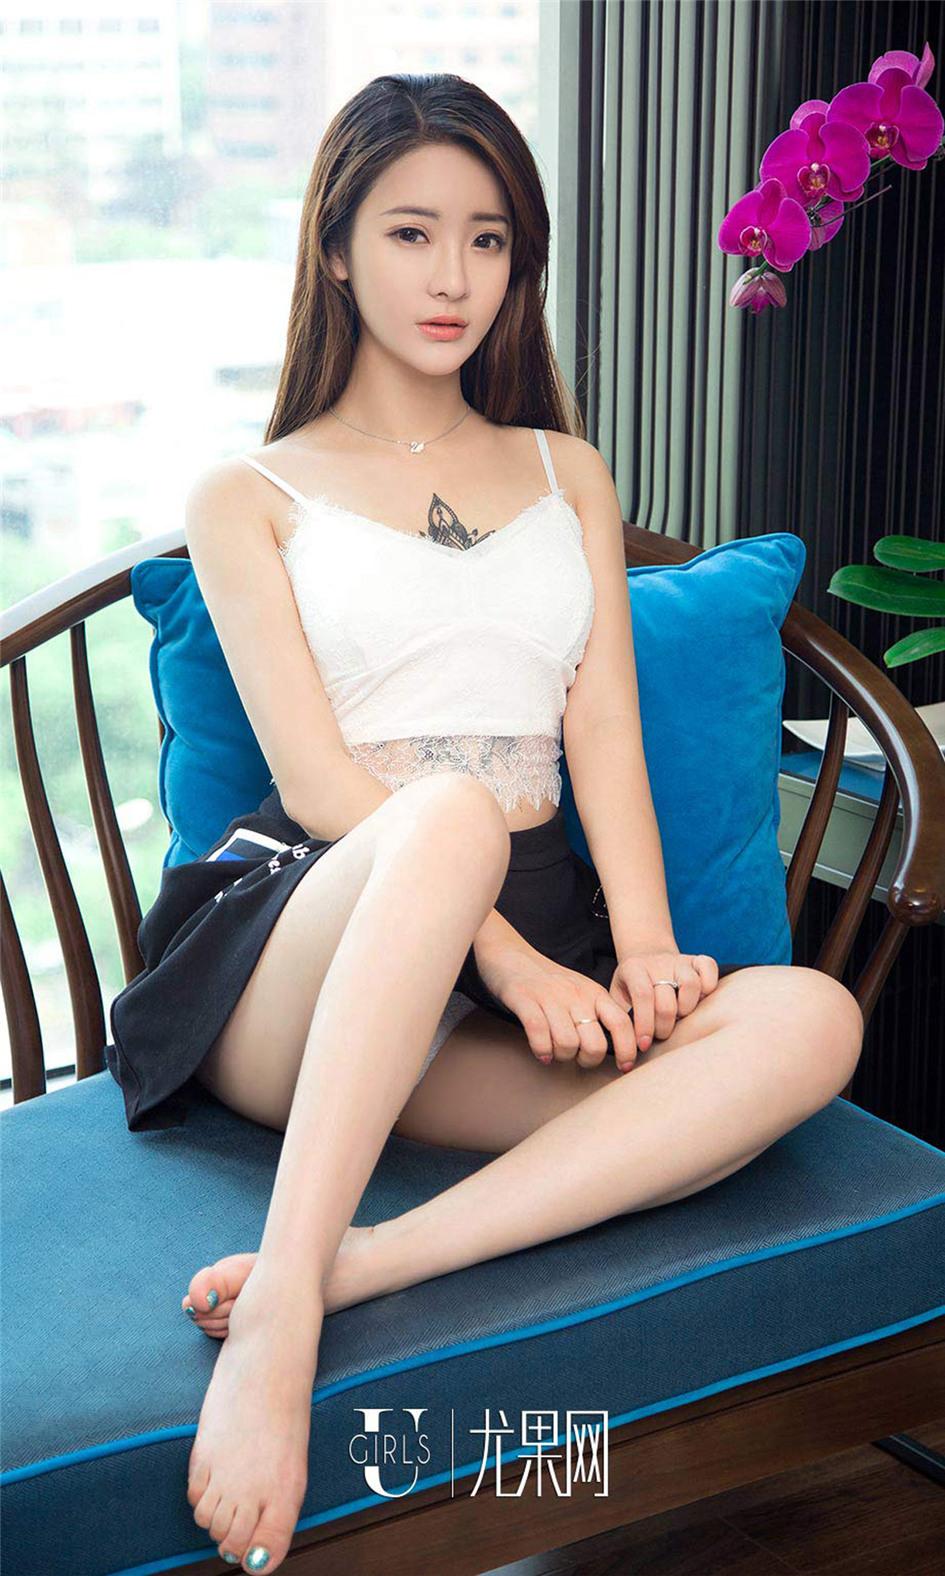 [尤果网] 美白长腿大美女刘天天清纯写真 第913期